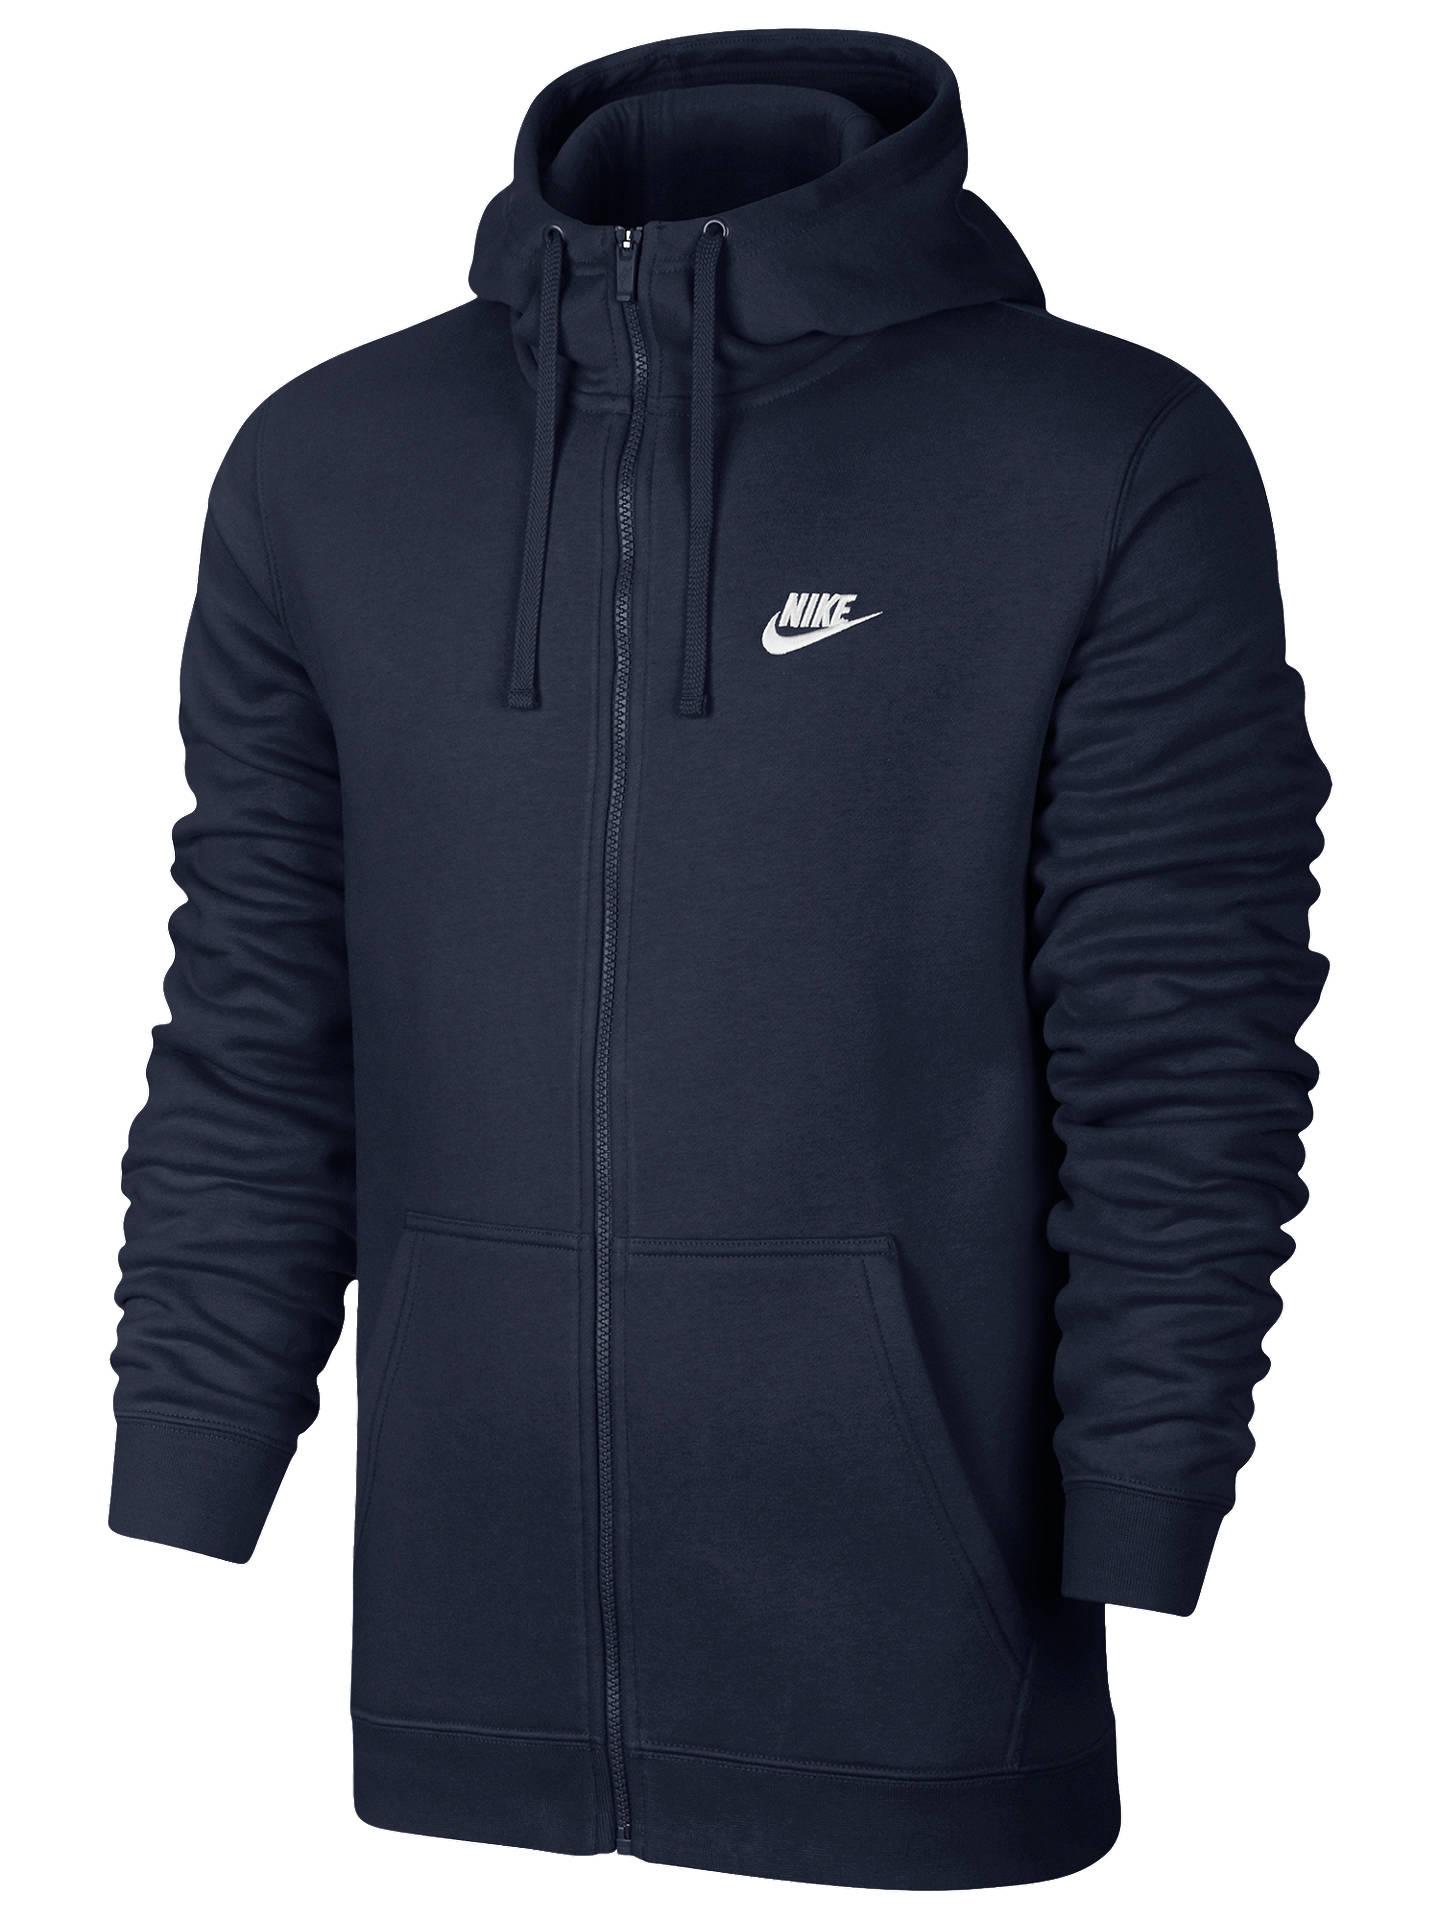 b39d6eca9ab0 Buy Nike Sportswear Hoodie